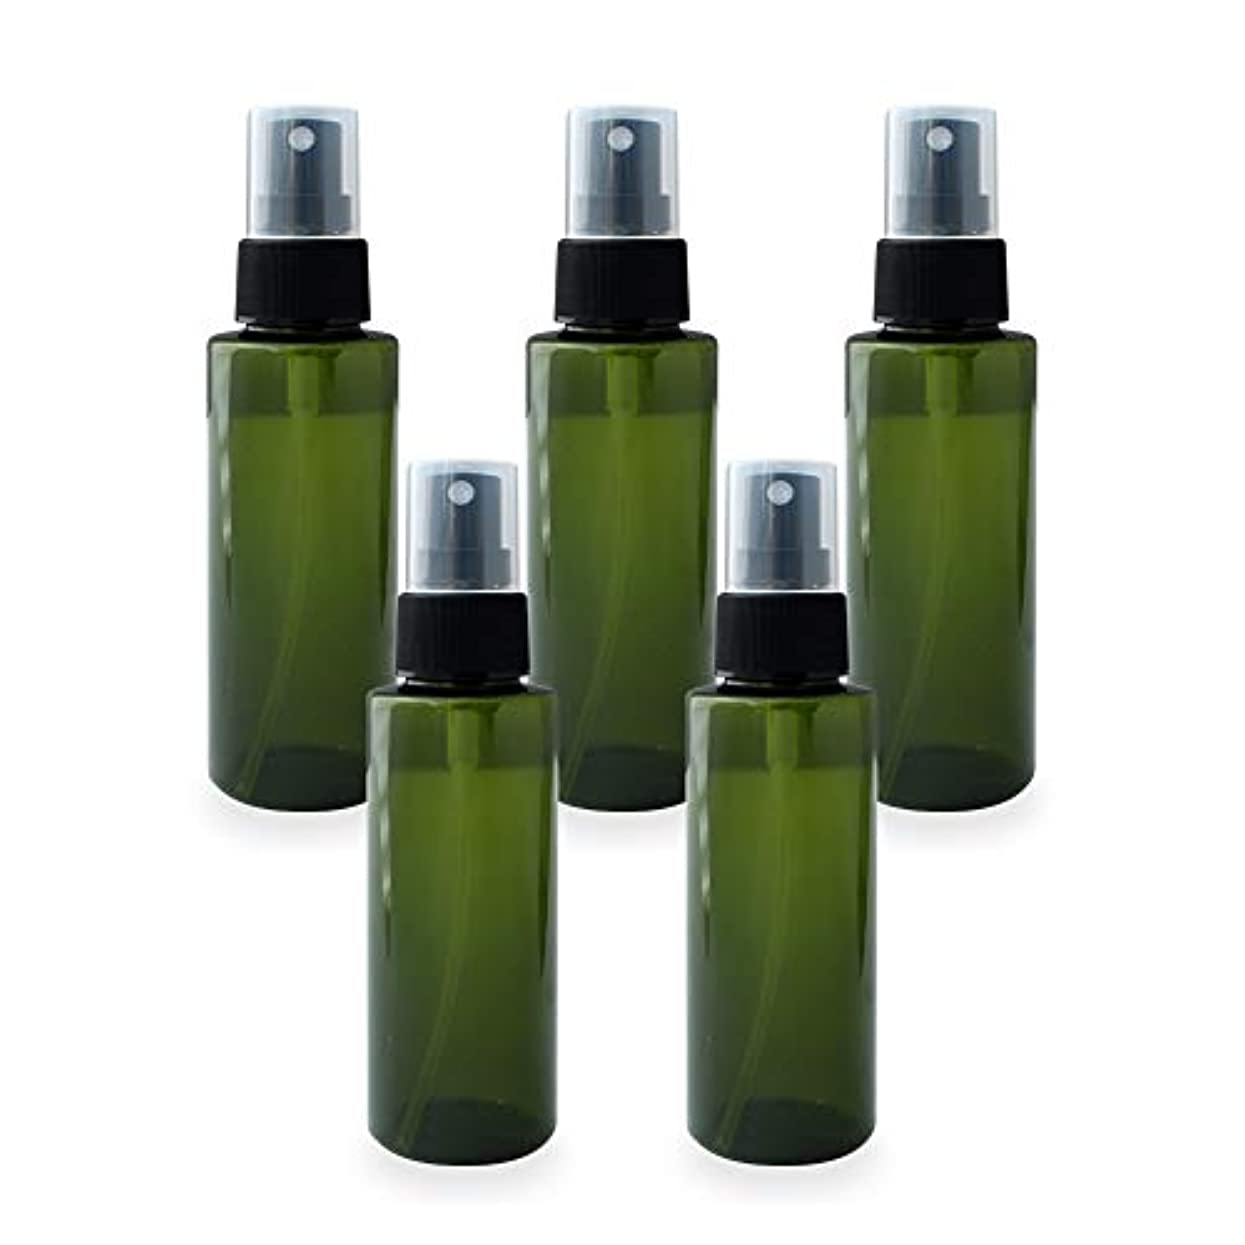 解放自分を引き上げるモノグラフスプレーボトル100ml×5本セット(グリーン)(プラスチック容器 オイル用空瓶 プラスチック製-PET 空ボトル アロマスプレー)